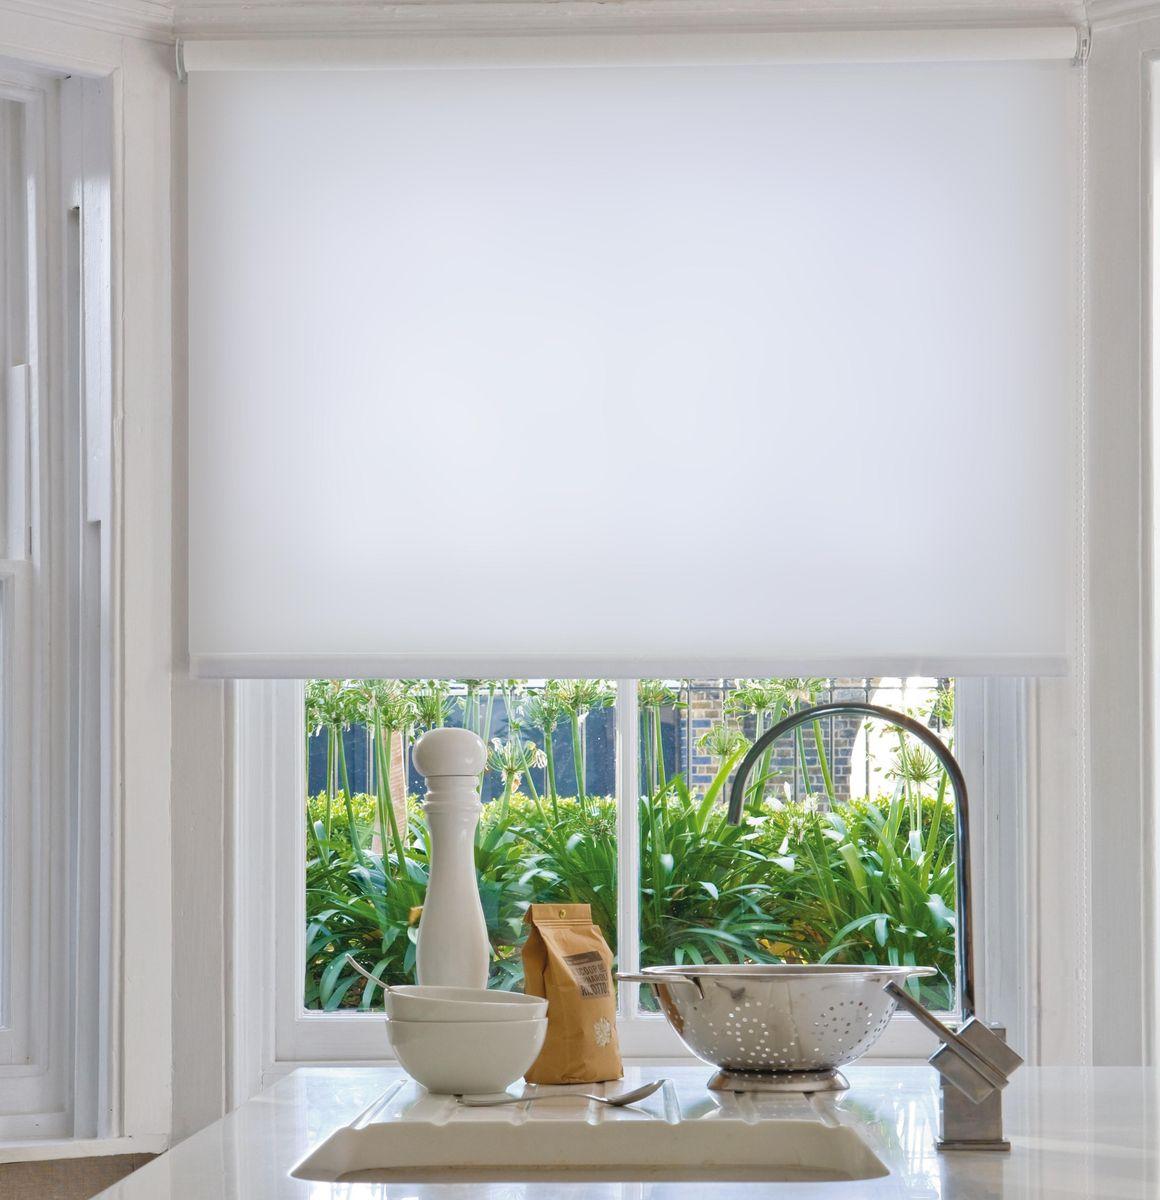 Штора рулонная Эскар, цвет: белый, ширина 130 см, высота 170 см8008130170Рулонными шторами можно оформлять окна как самостоятельно, так и использовать в комбинации с портьерами. Это поможет предотвратить выгорание дорогой ткани на солнце и соединит функционал рулонных с красотой навесных.Преимущества применения рулонных штор для пластиковых окон:- имеют прекрасный внешний вид: многообразие и фактурность материала изделия отлично смотрятся в любом интерьере; - многофункциональны: есть возможность подобрать шторы способные эффективно защитить комнату от солнца, при этом о на не будет слишком темной. - Есть возможность осуществить быстрый монтаж. ВНИМАНИЕ! Размеры ширины изделия указаны по ширине ткани!Во время эксплуатации не рекомендуется полностью разматывать рулон, чтобы не оторвать ткань от намоточного вала.В случае загрязнения поверхности ткани, чистку шторы проводят одним из способов, в зависимости от типа загрязнения: легкое поверхностное загрязнение можно удалить при помощи канцелярского ластика; чистка от пыли производится сухим методом при помощи пылесоса с мягкой щеткой-насадкой; для удаления пятна используйте мягкую губку с пенообразующим неагрессивным моющим средством или пятновыводитель на натуральной основе (нельзя применять растворители).